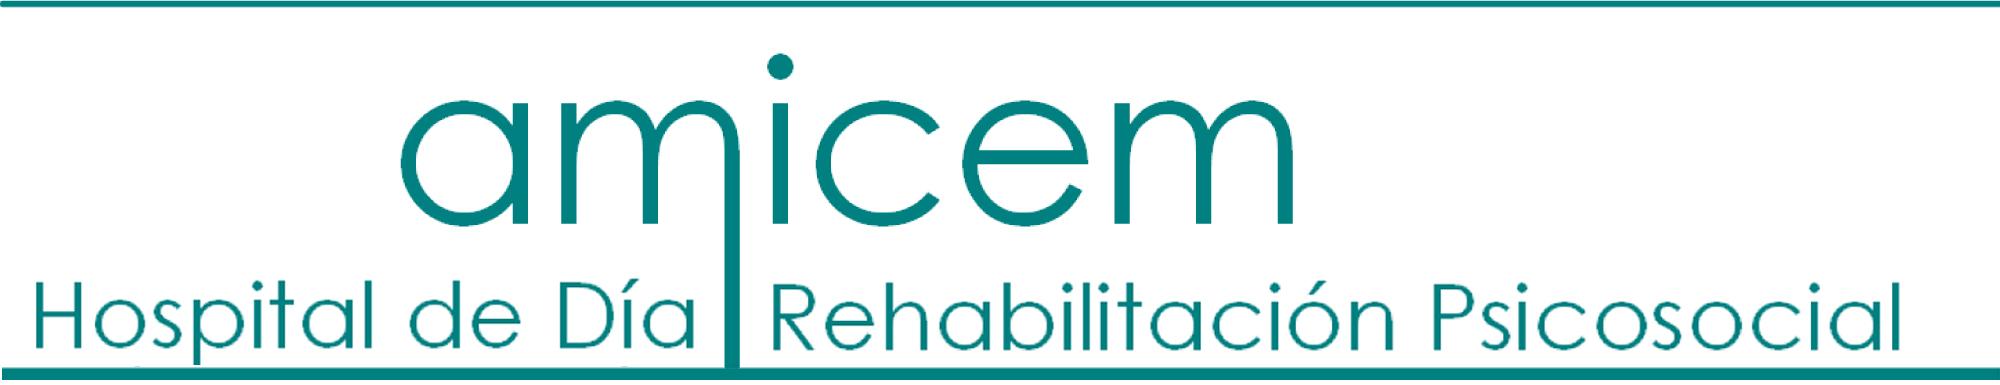 Amicem Hospital de Día Salud Mental. Centro Madrileño de Psicología Aplicada s.l.